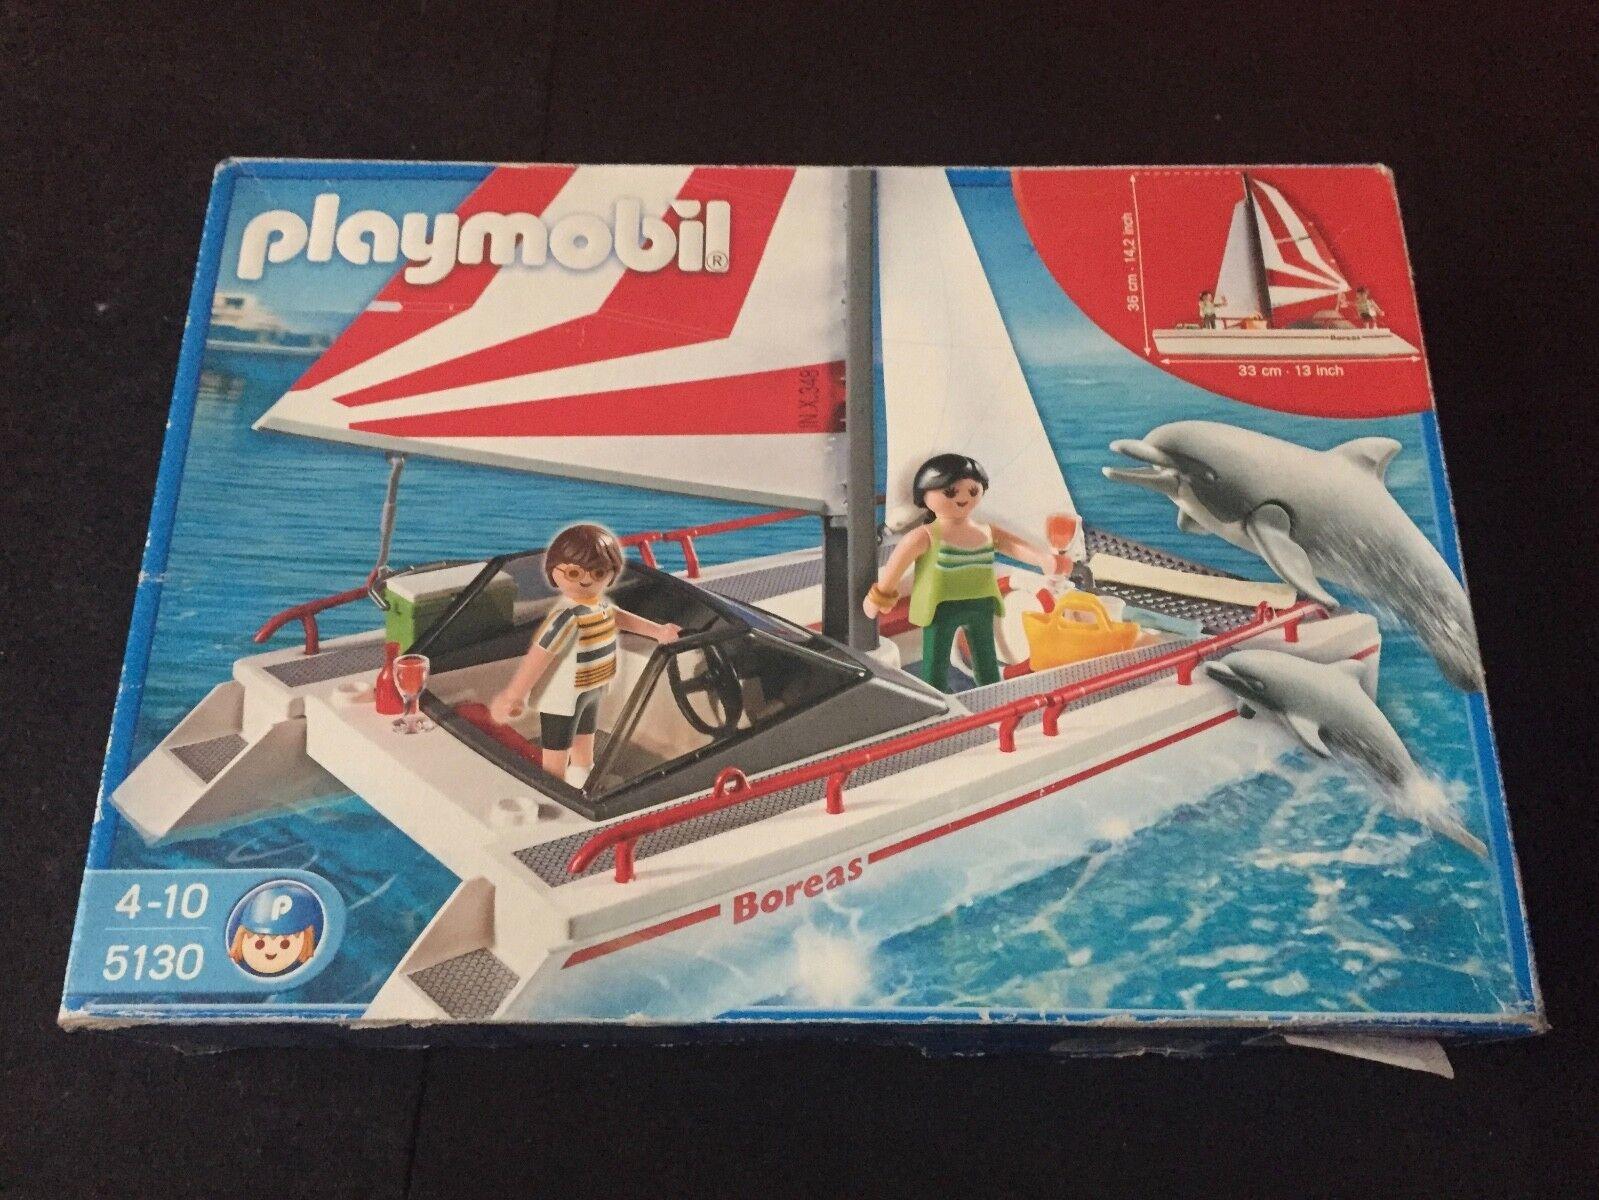 PLAYMOBIL 5130 catamarano  con accessori NUOVO  wholesape economico